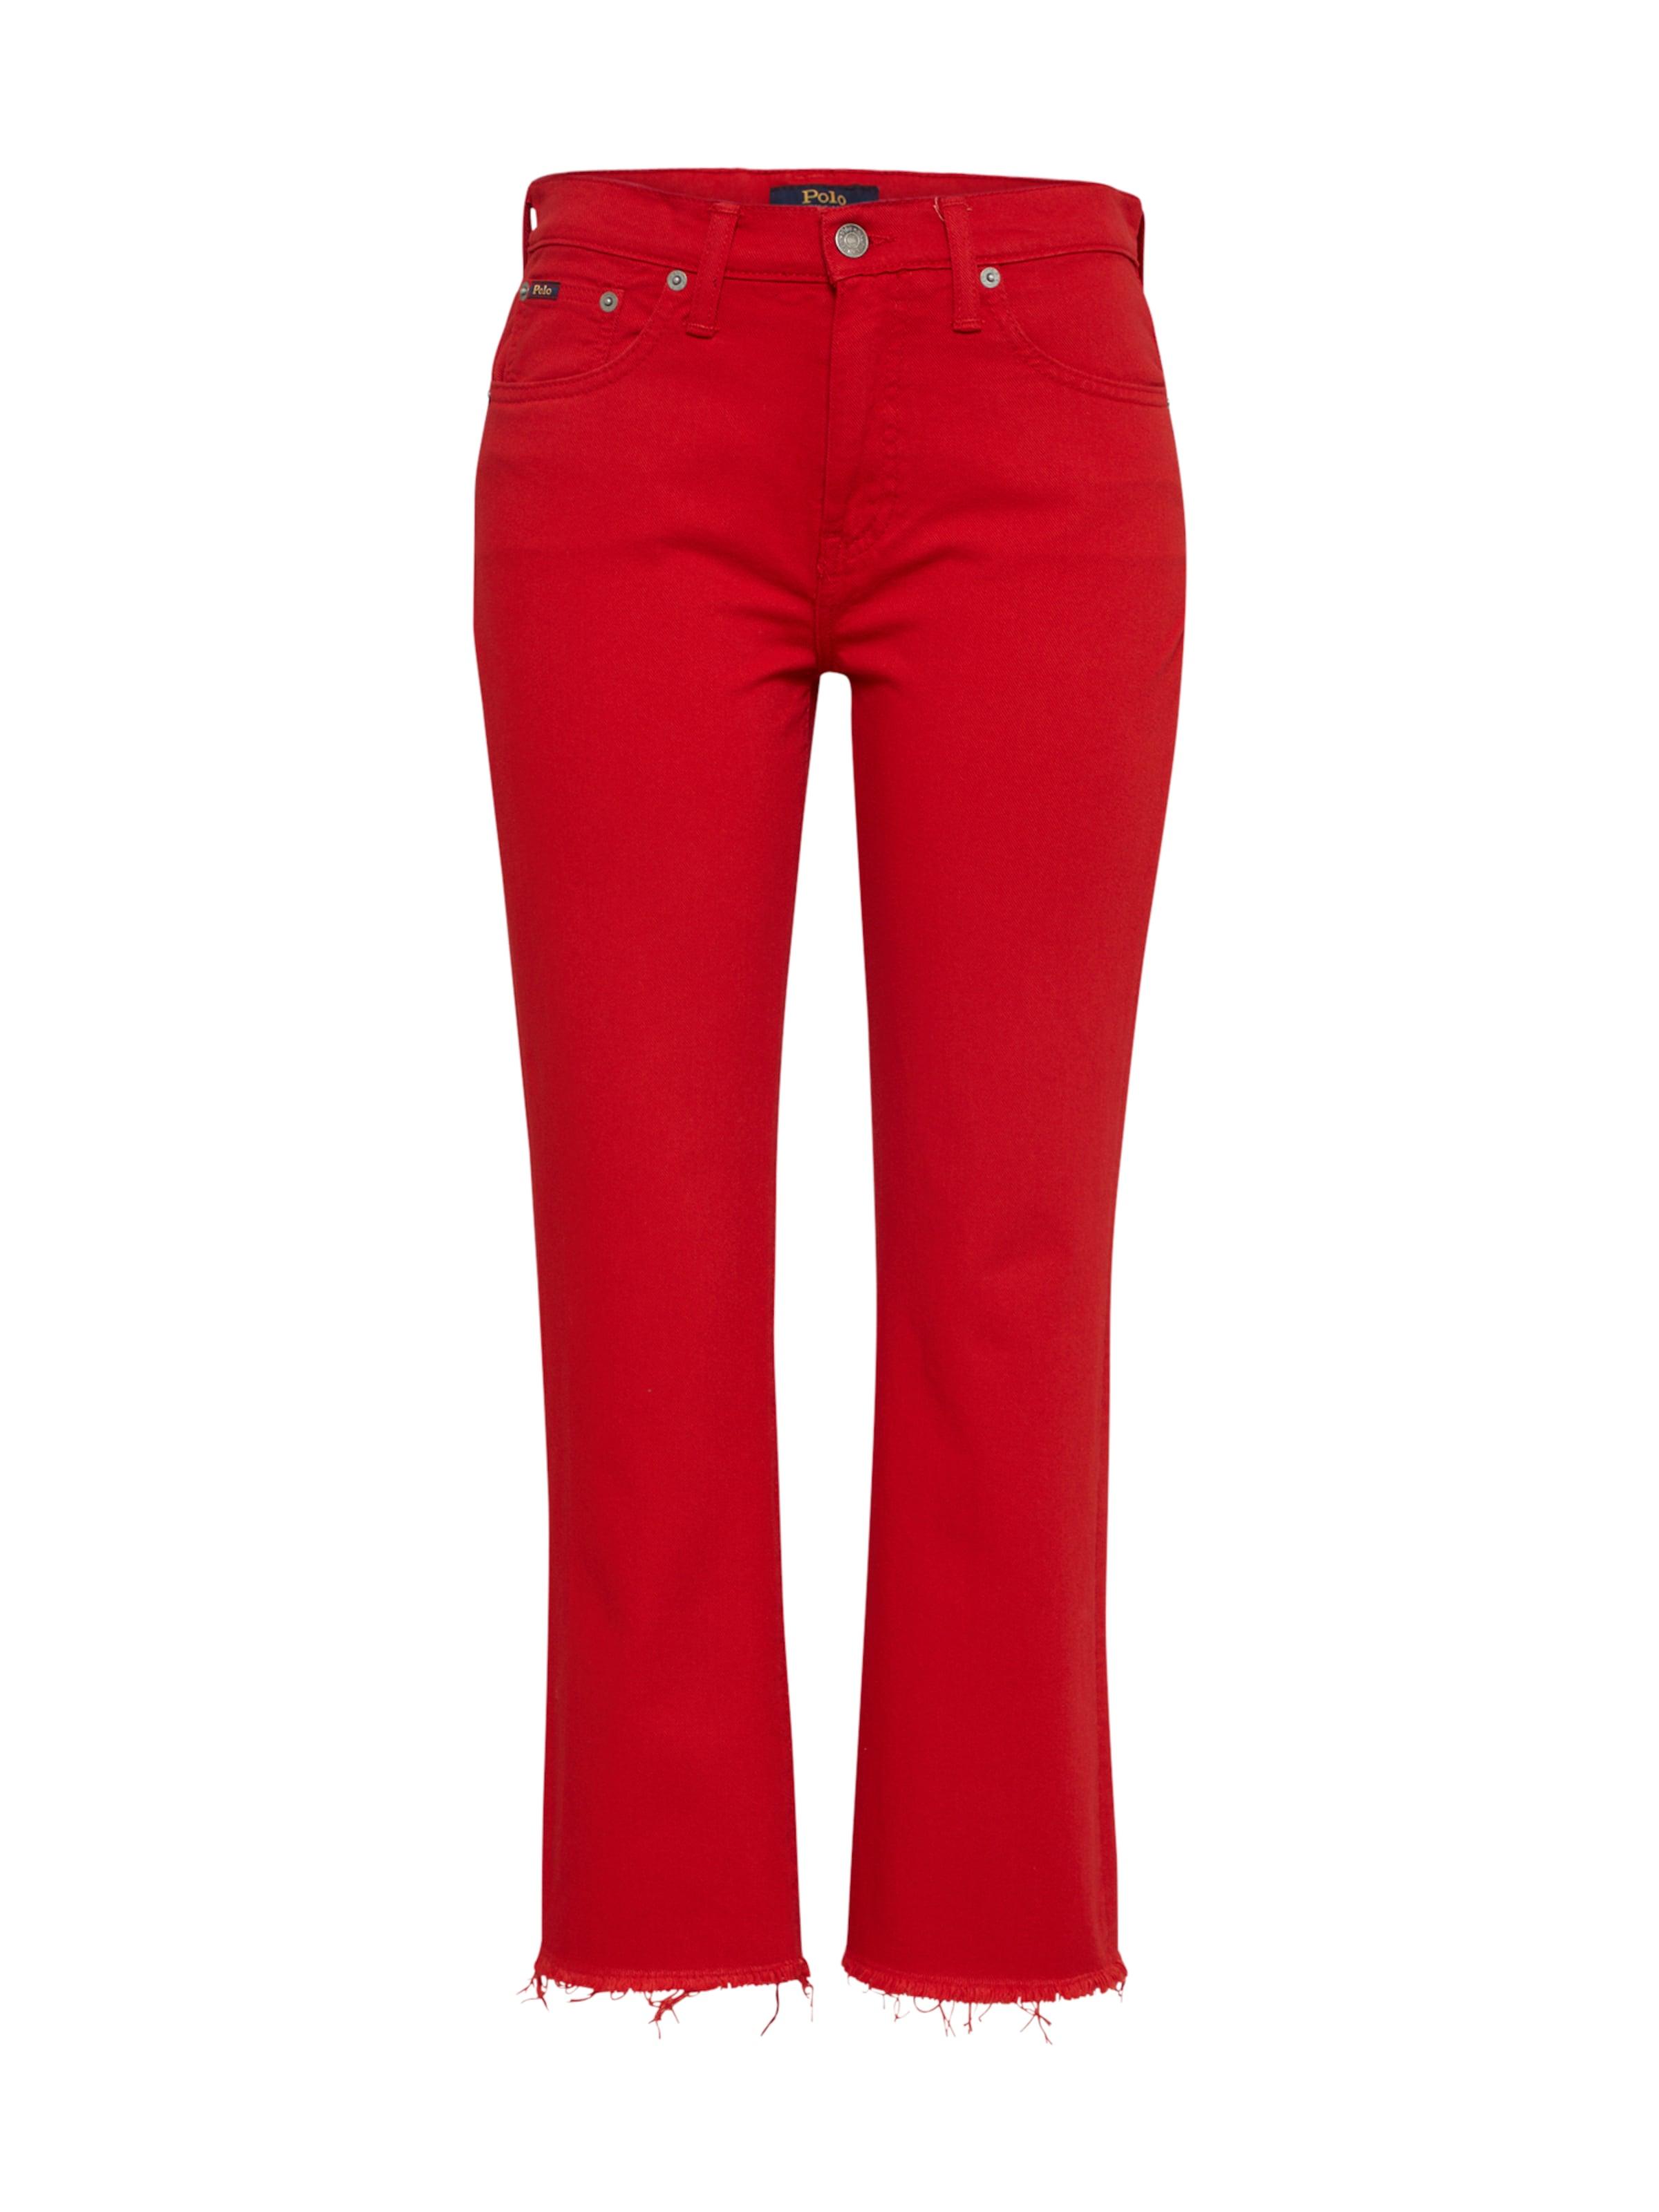 Lauren Jeans In Ralph 'chrystie' Polo Feuerrot nk0PON8wX